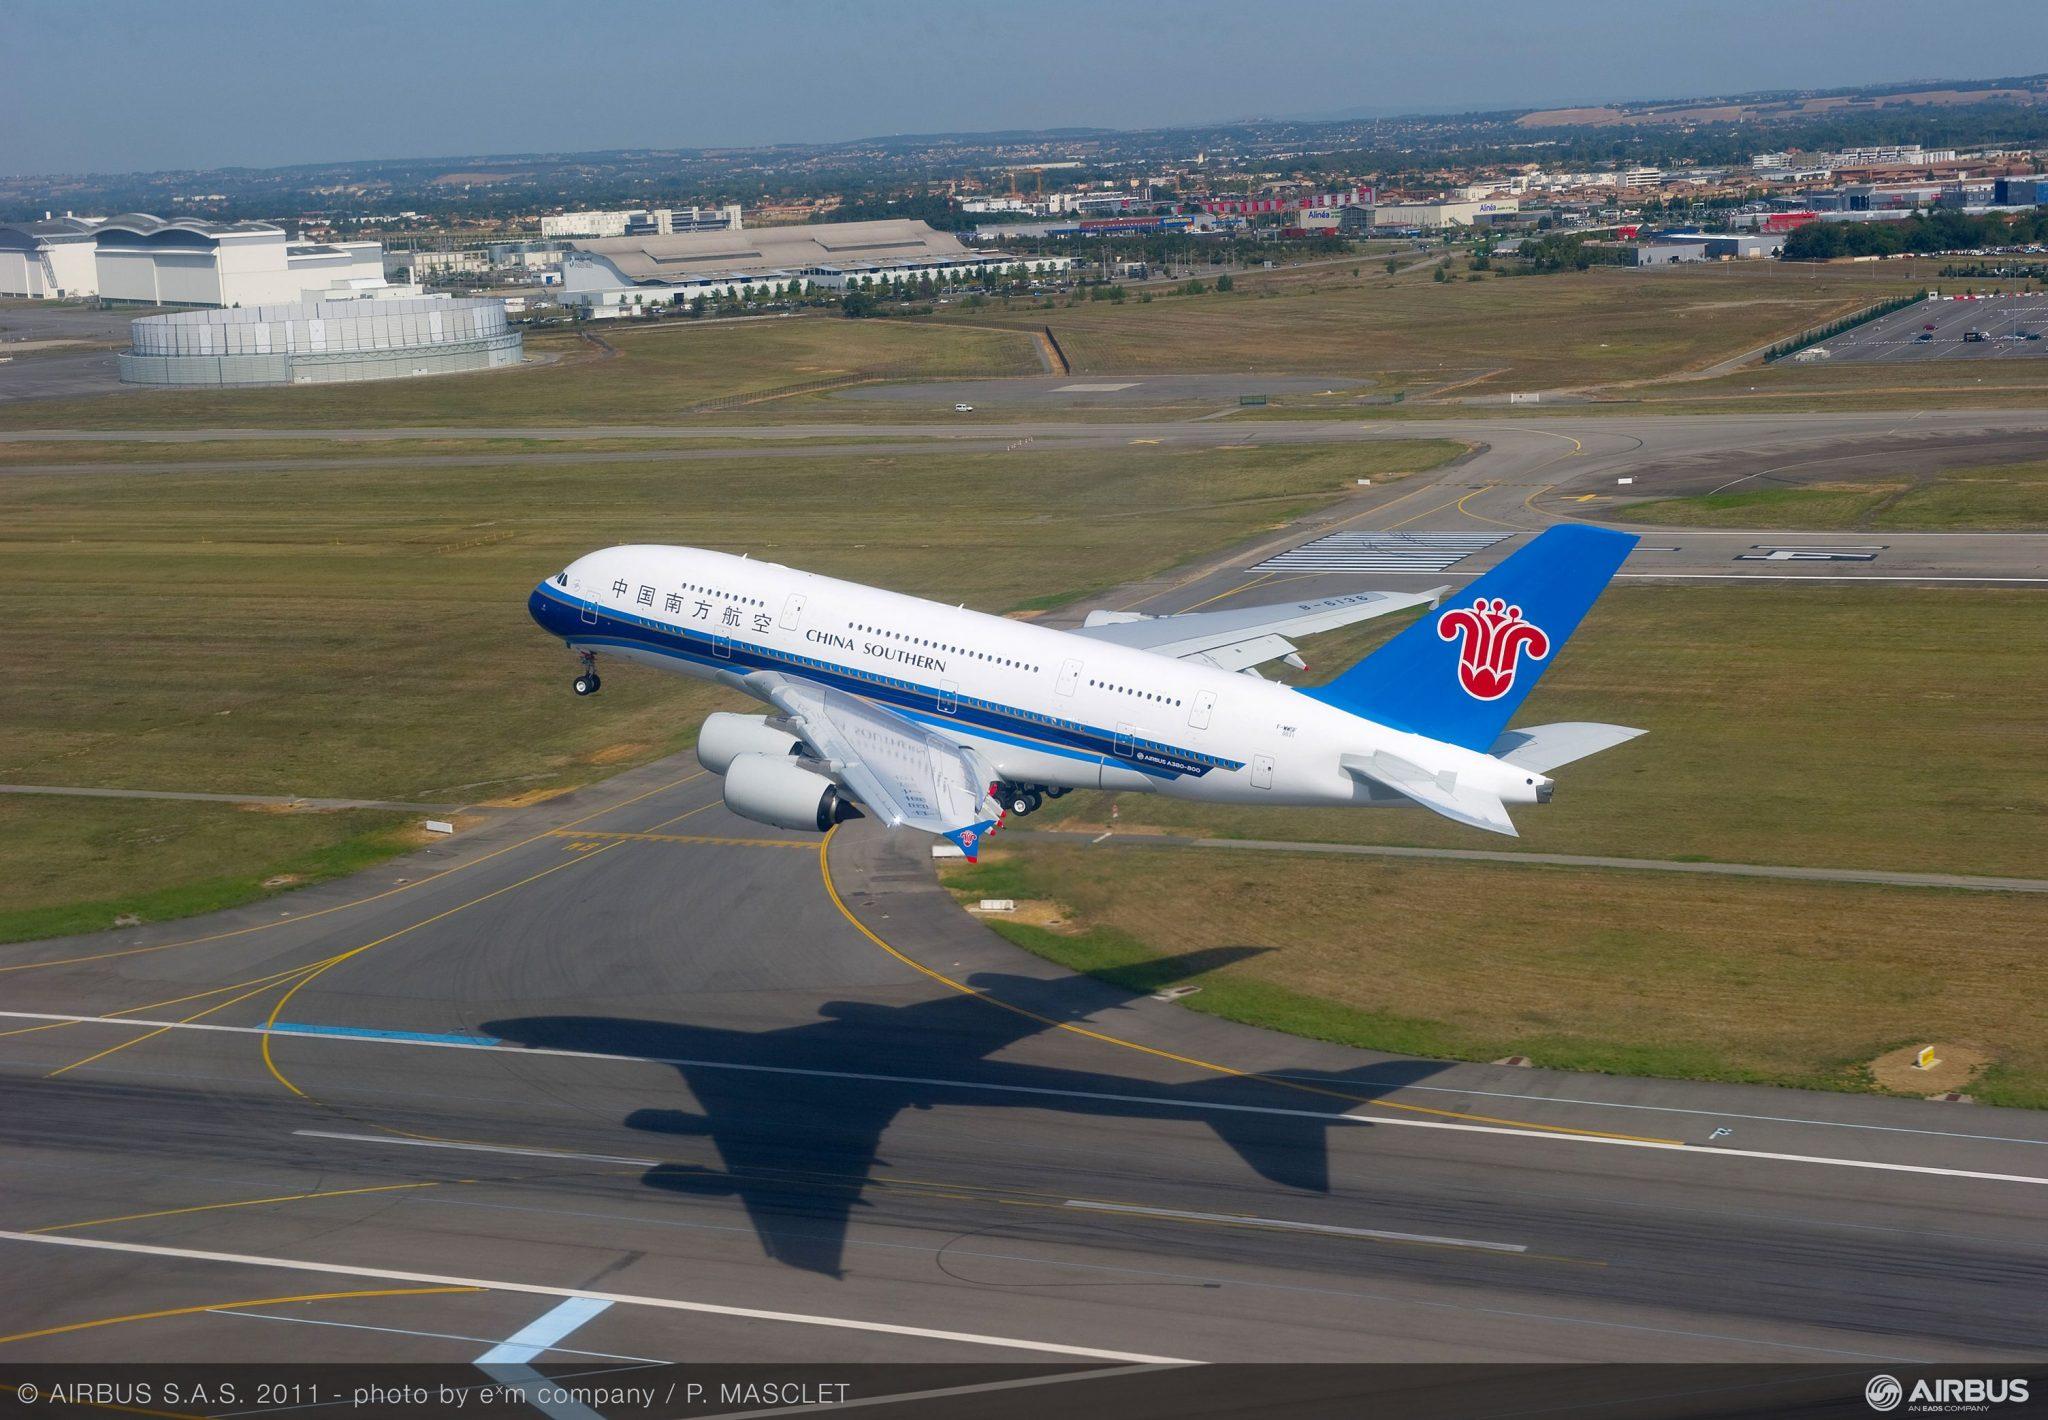 Dos aerolíneas chinas llegan a la Argentina y negocian vuelos directos